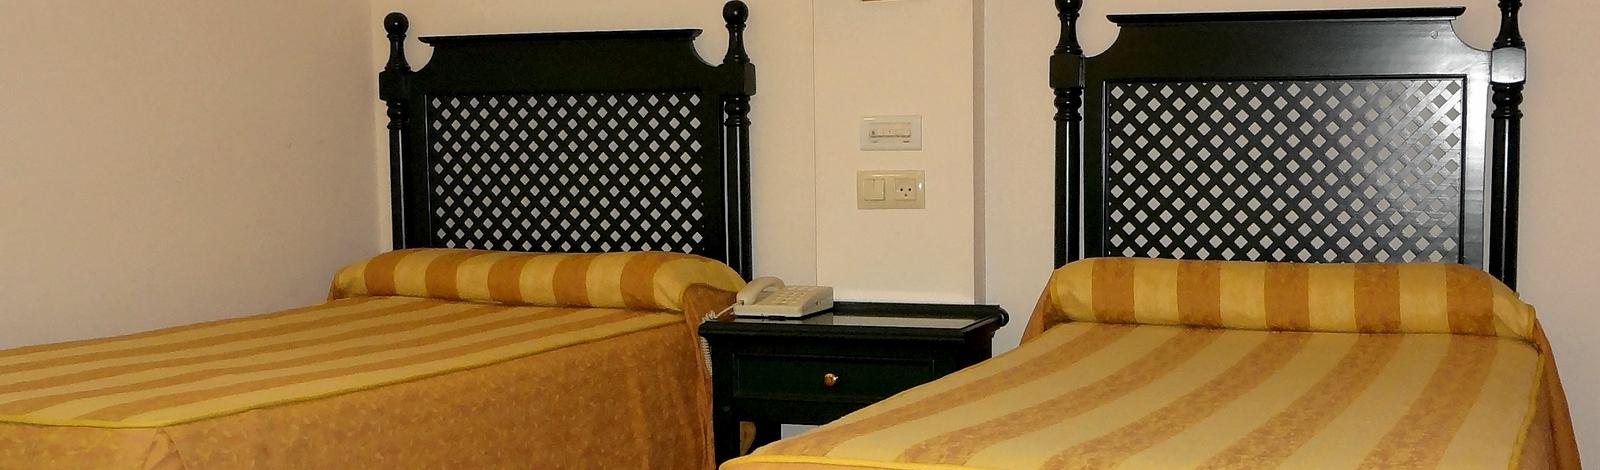 habitacion-individual-hotel-volao